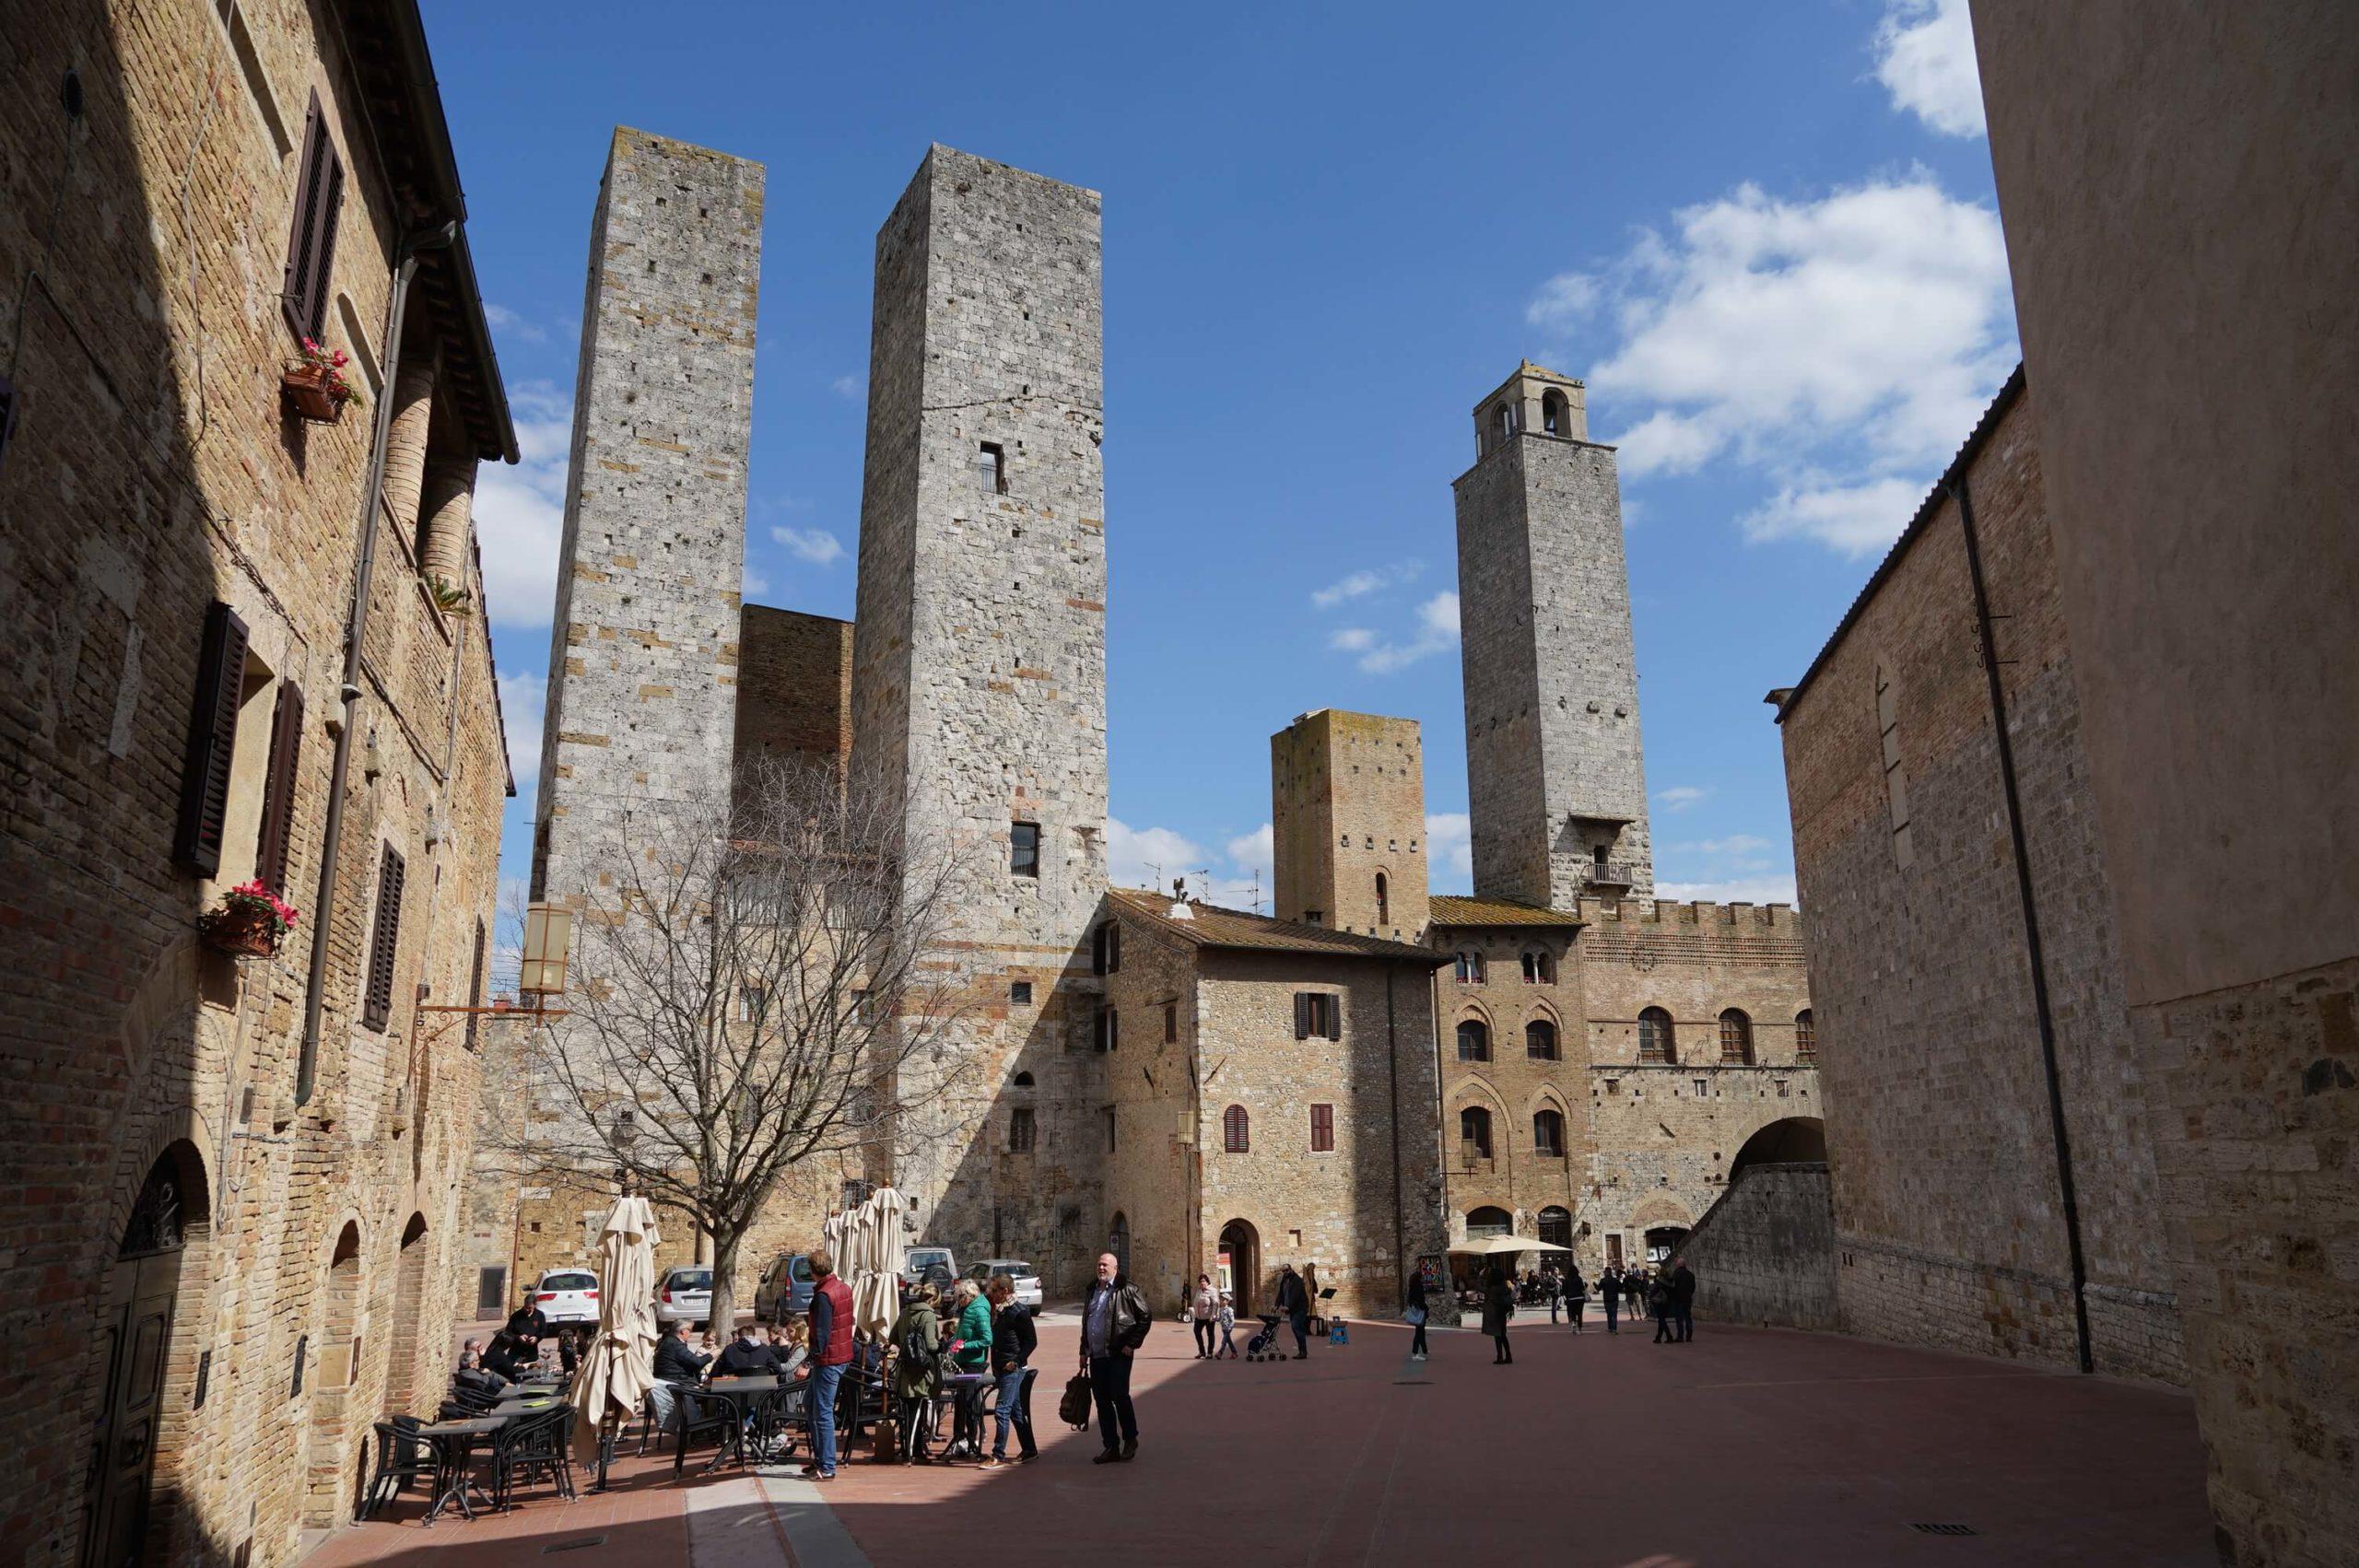 San Gimignano – Italy